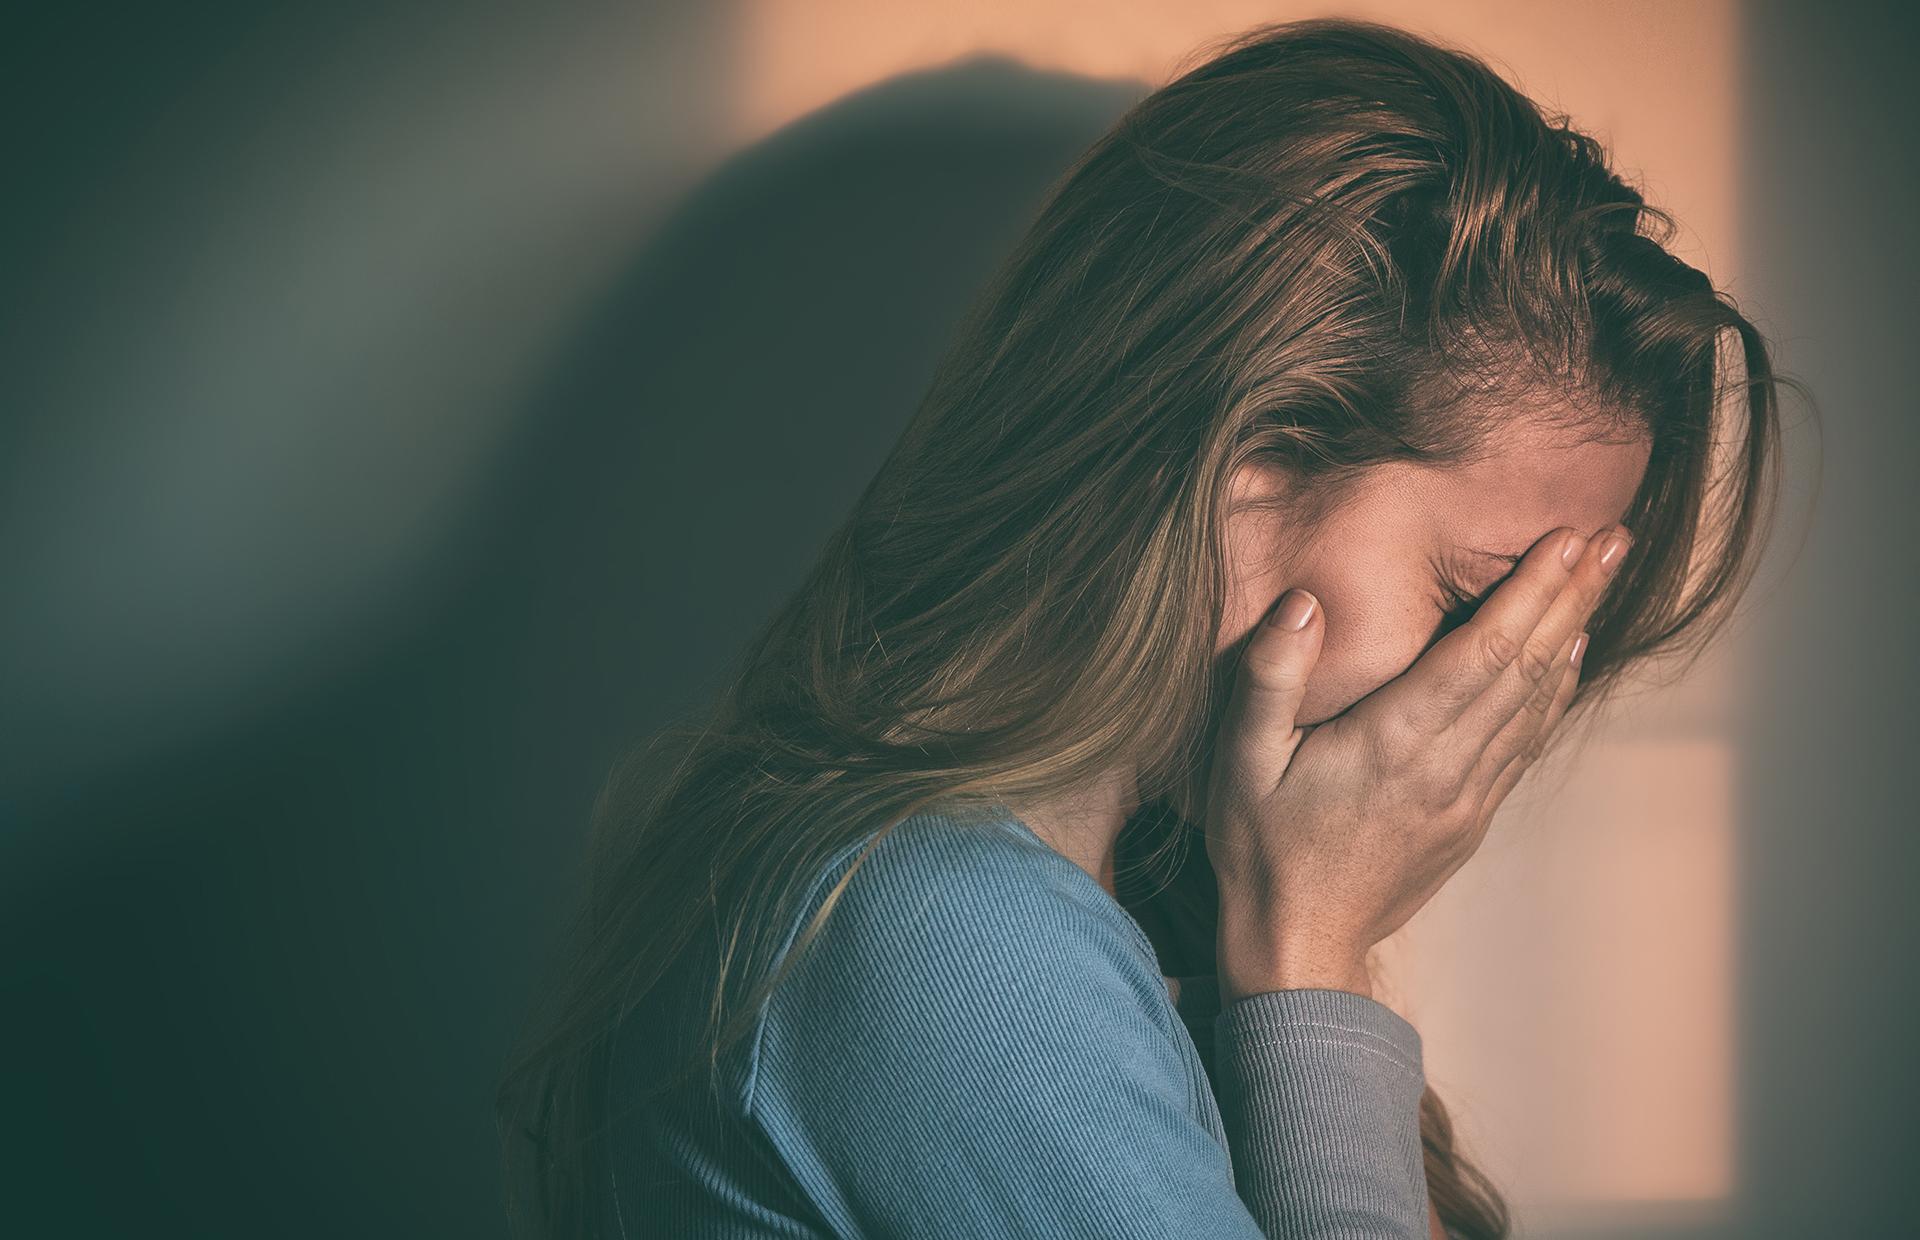 8 признаков пассивной агрессии в семье на примерах